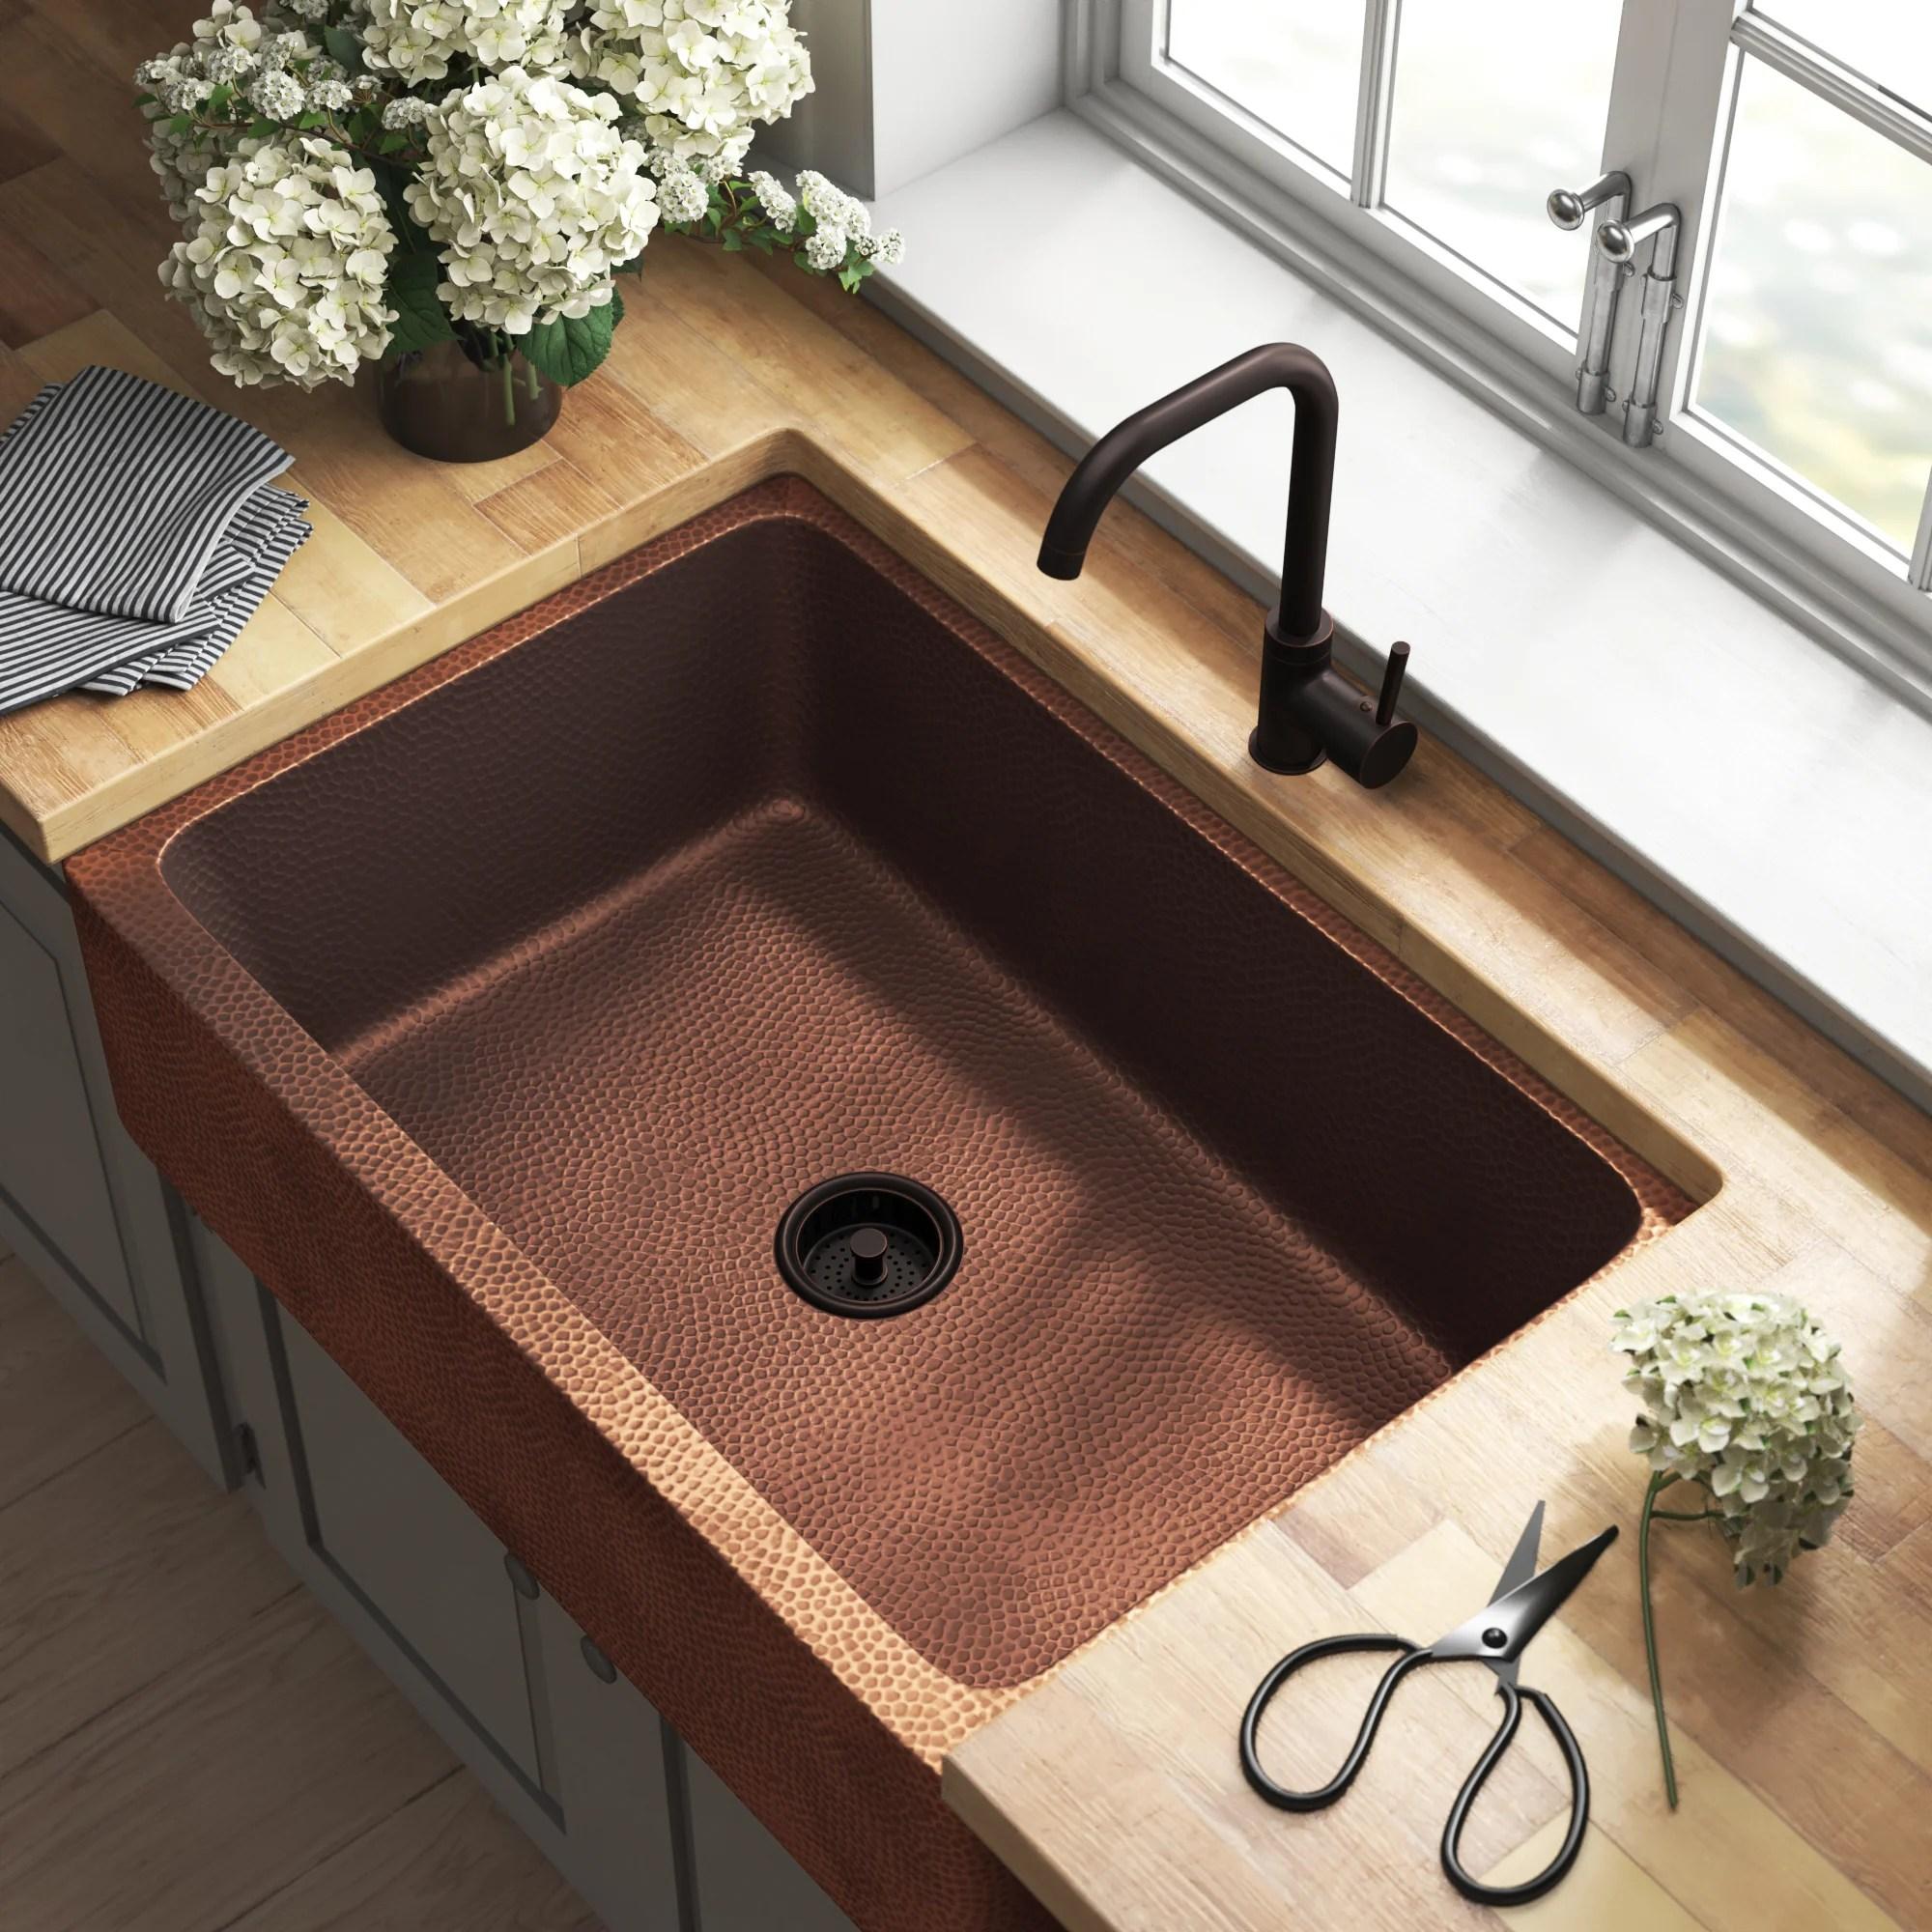 miron 33 l x 22 w undermount kitchen sink